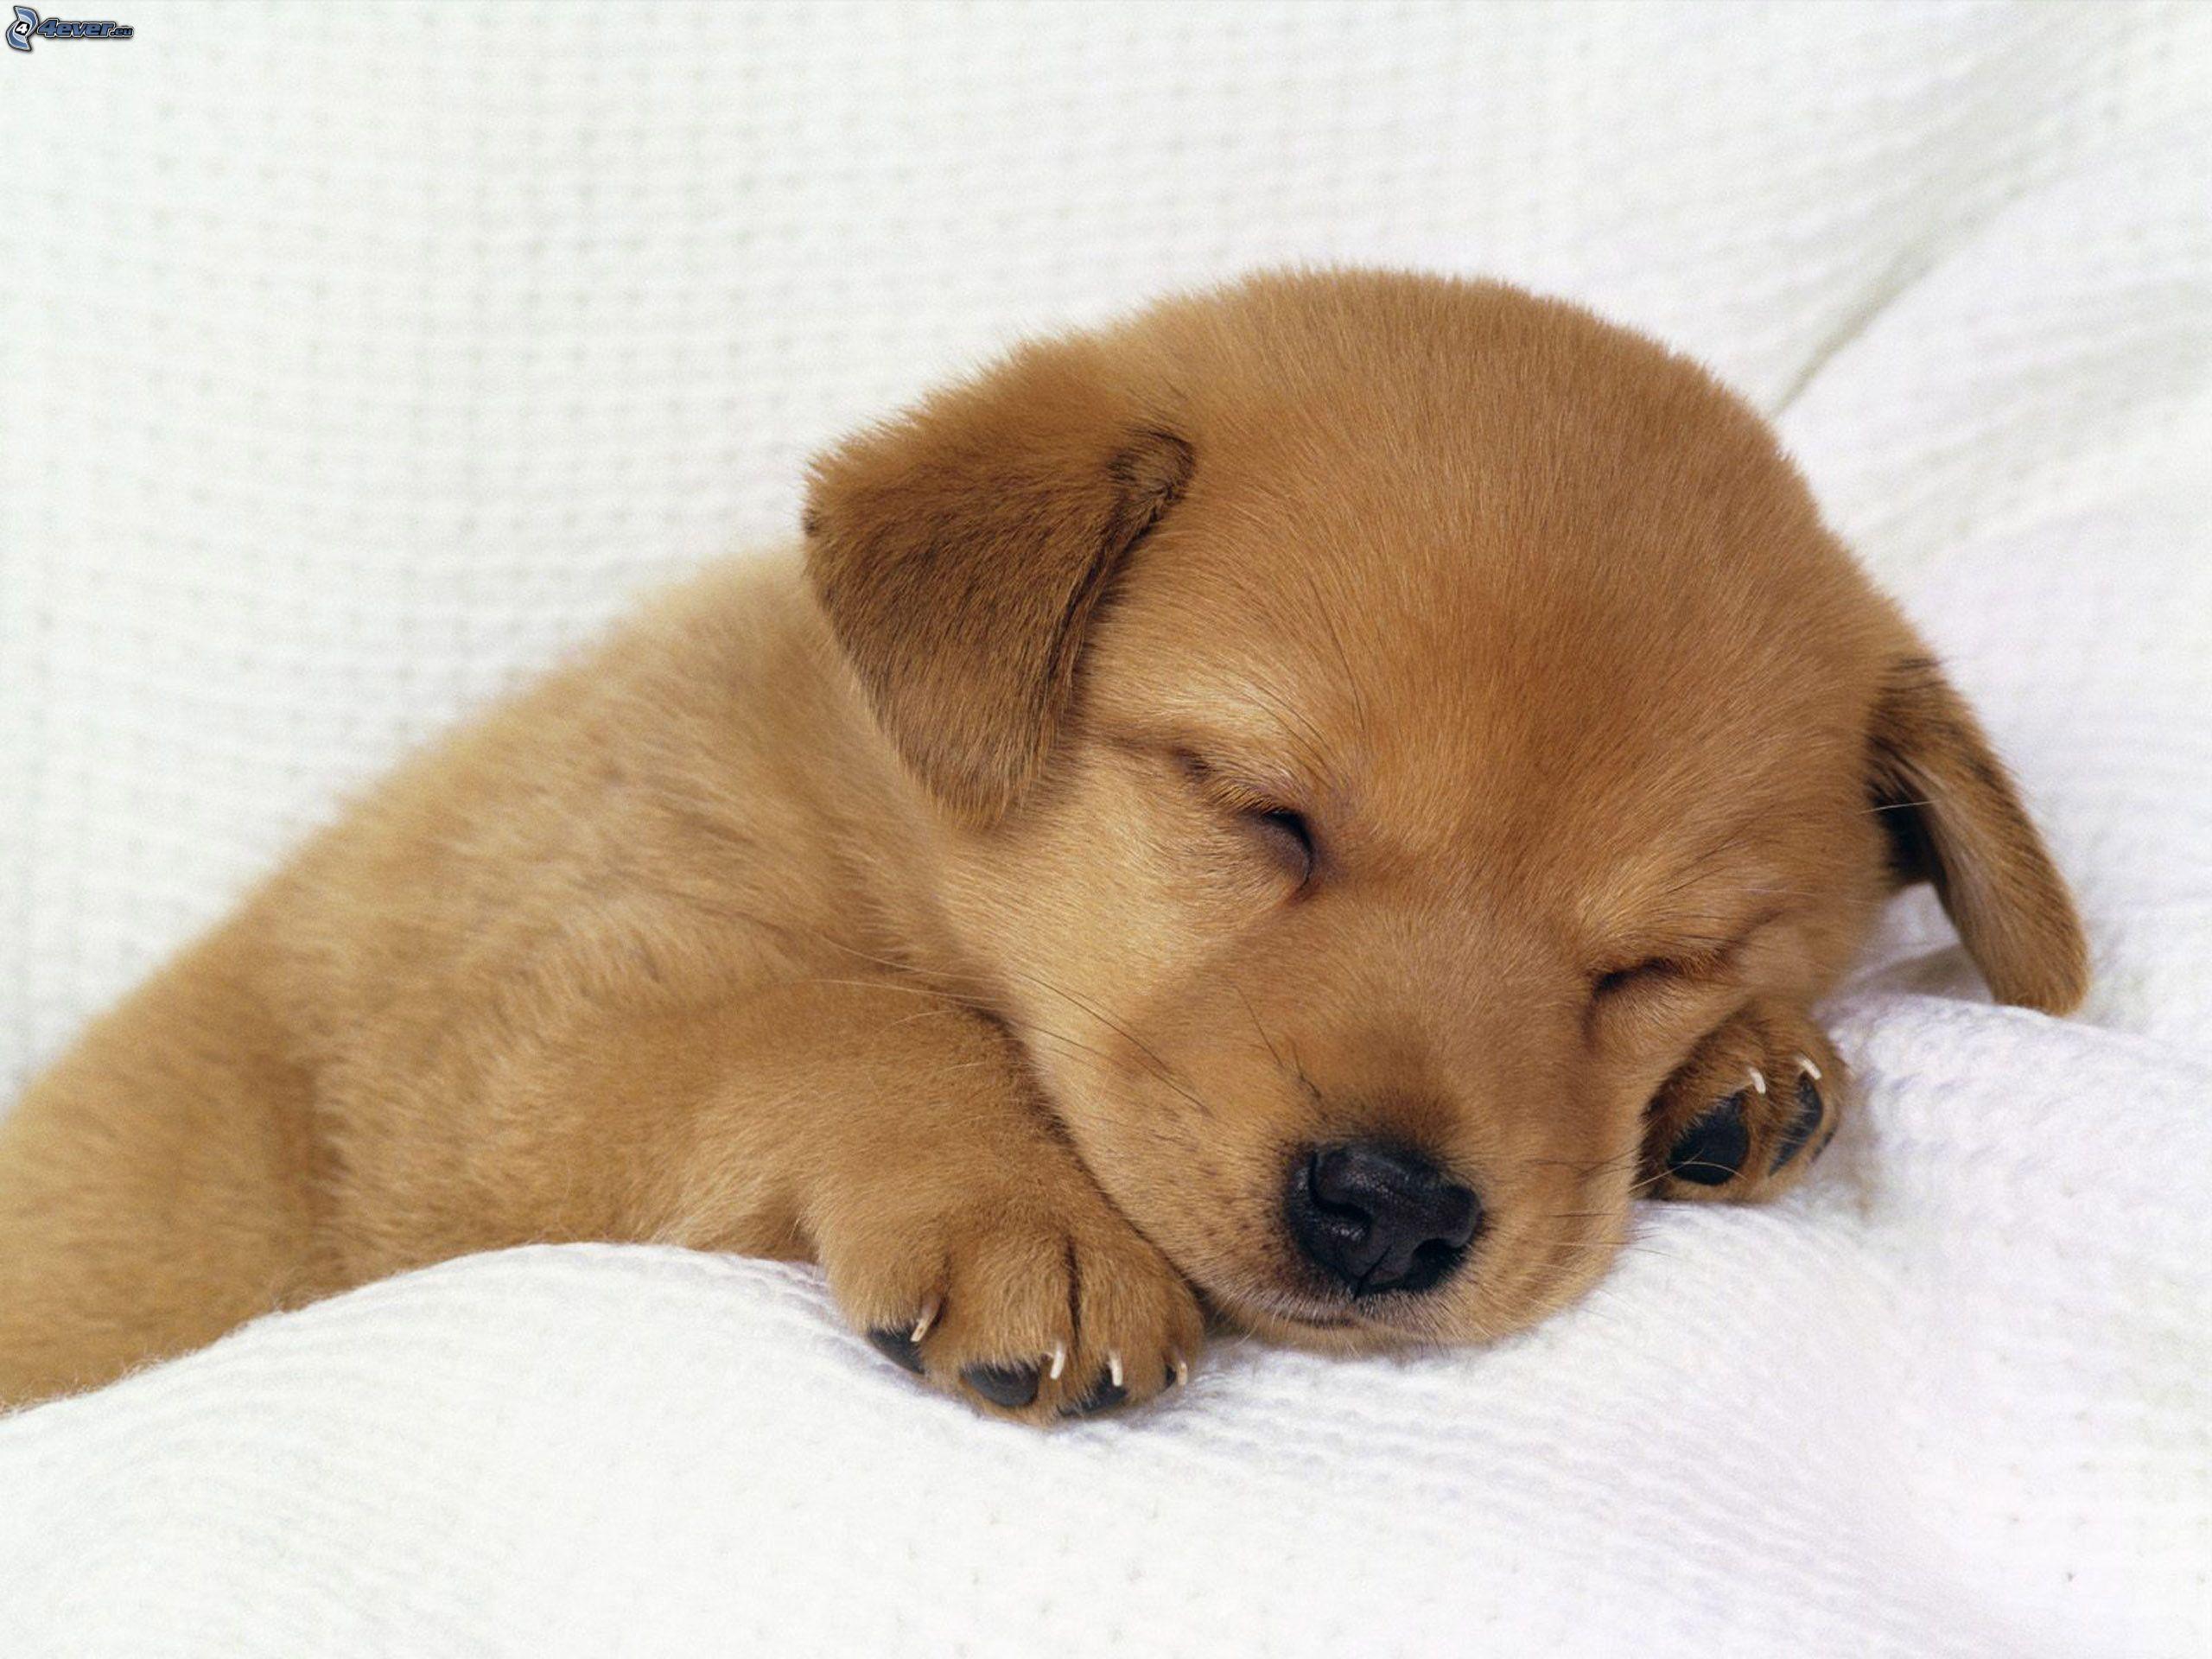 Cute Sleeping Golden Retriever Puppies